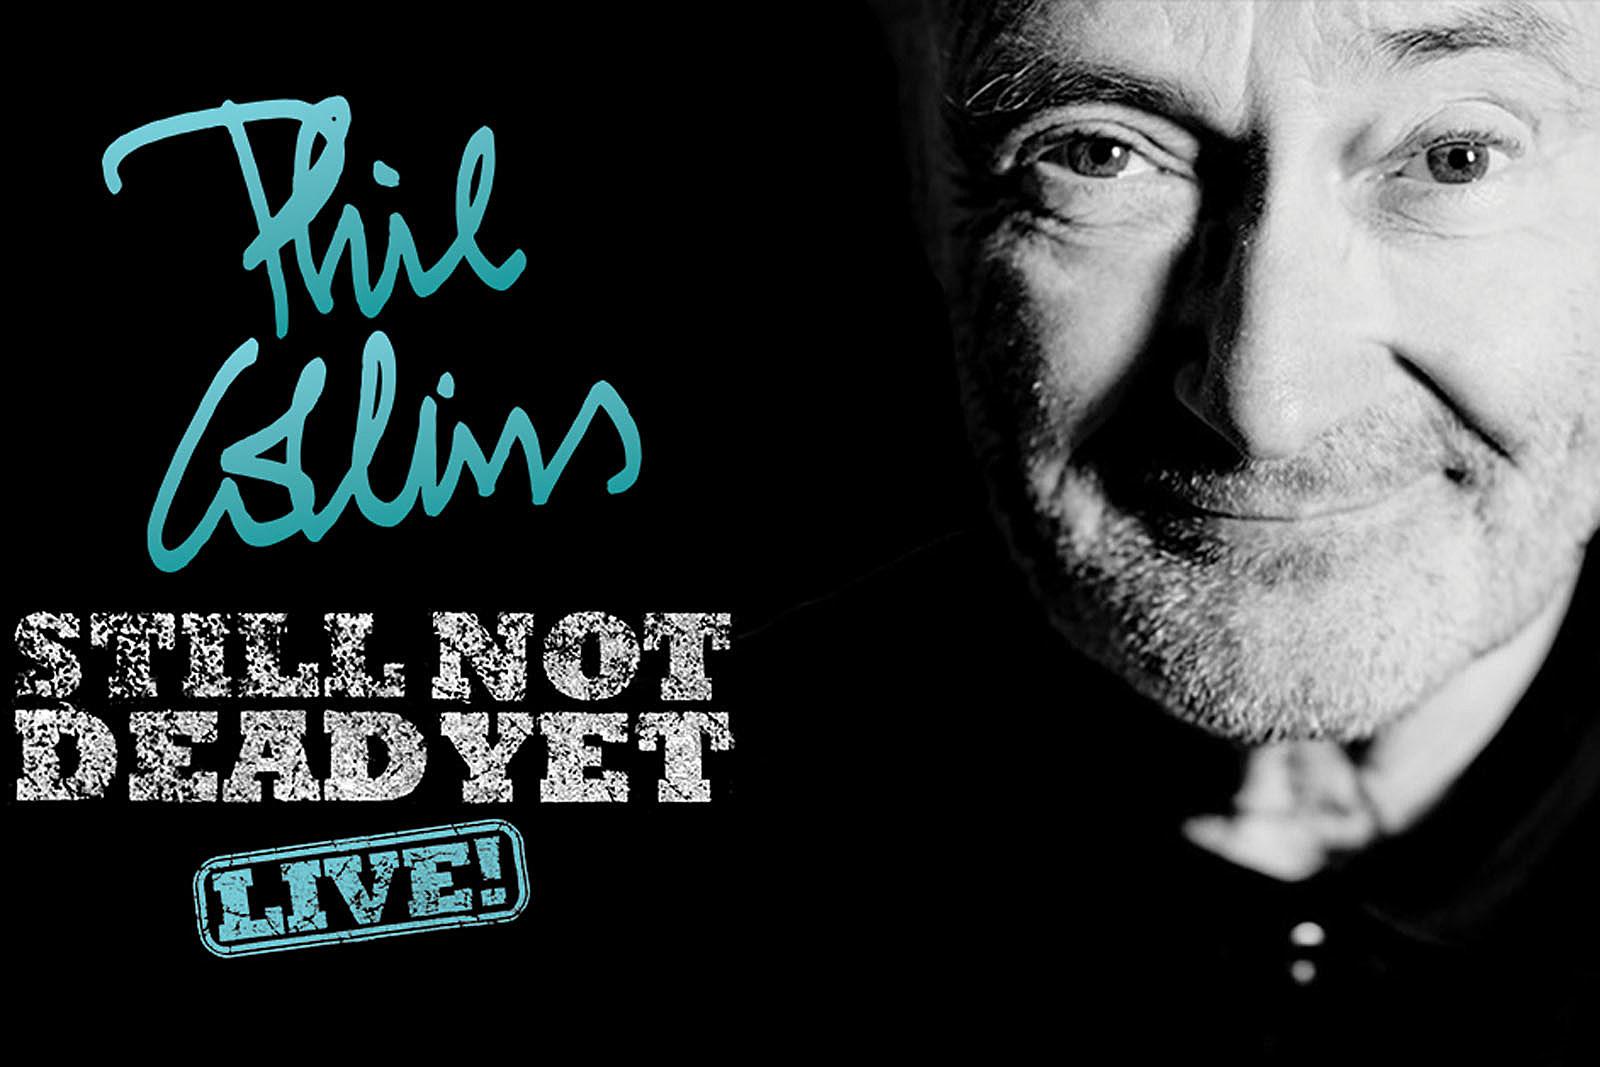 Phil Collins Announces 'Still Not Dead Yet, Live!' U.S. Tour